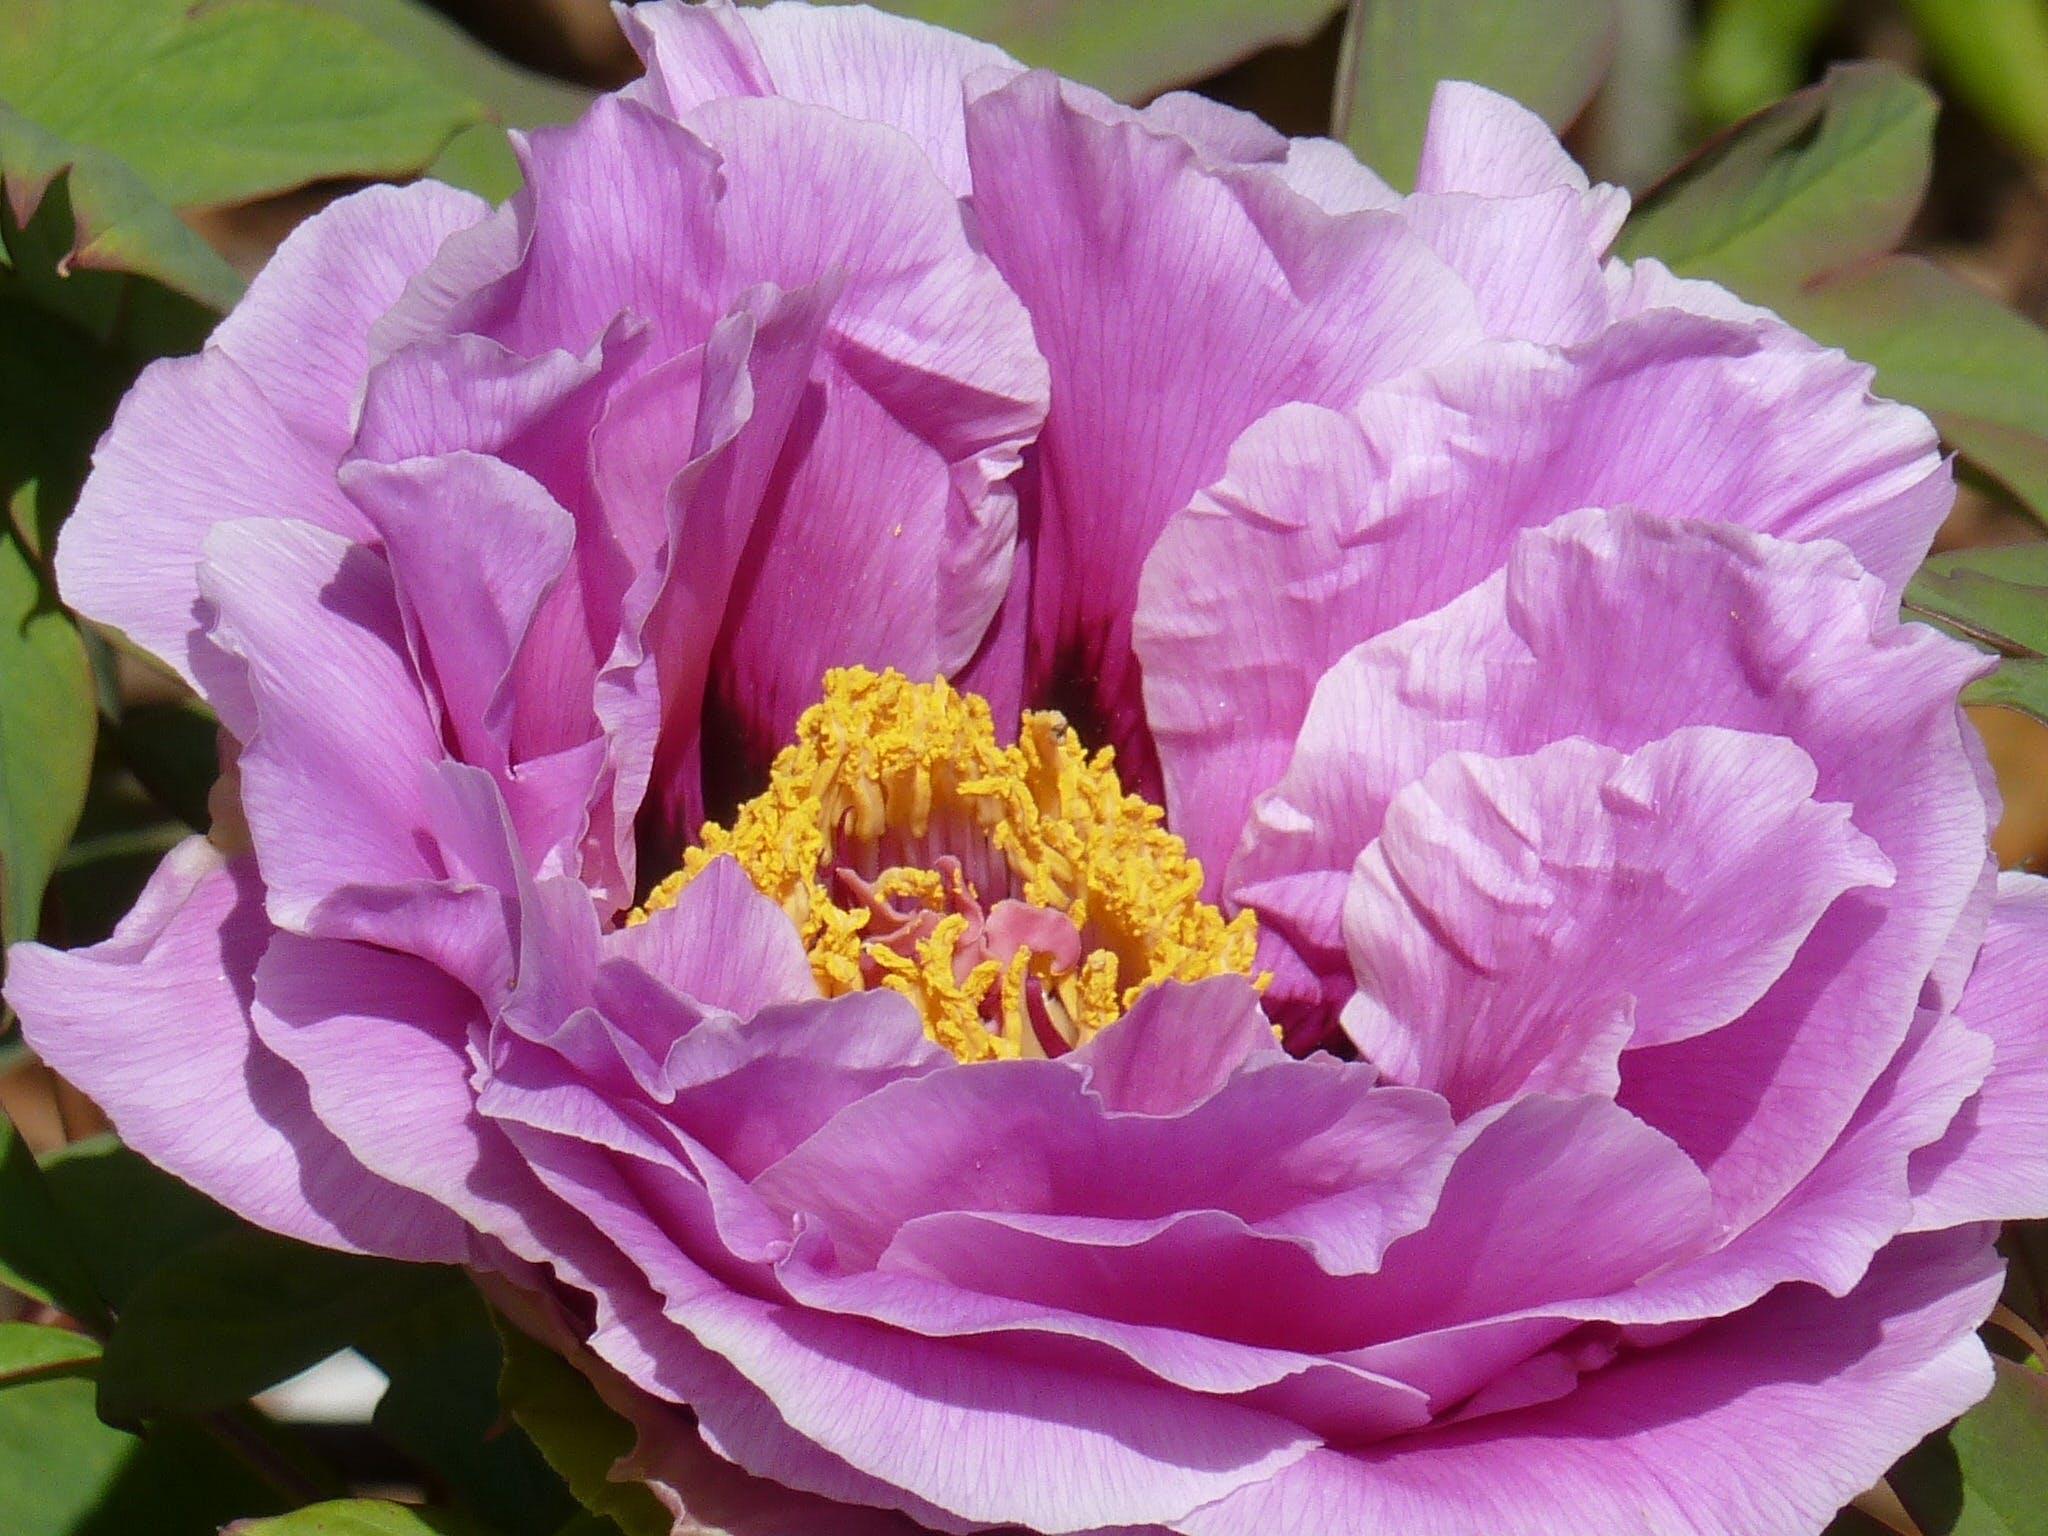 Macro Shots of Purple Flower